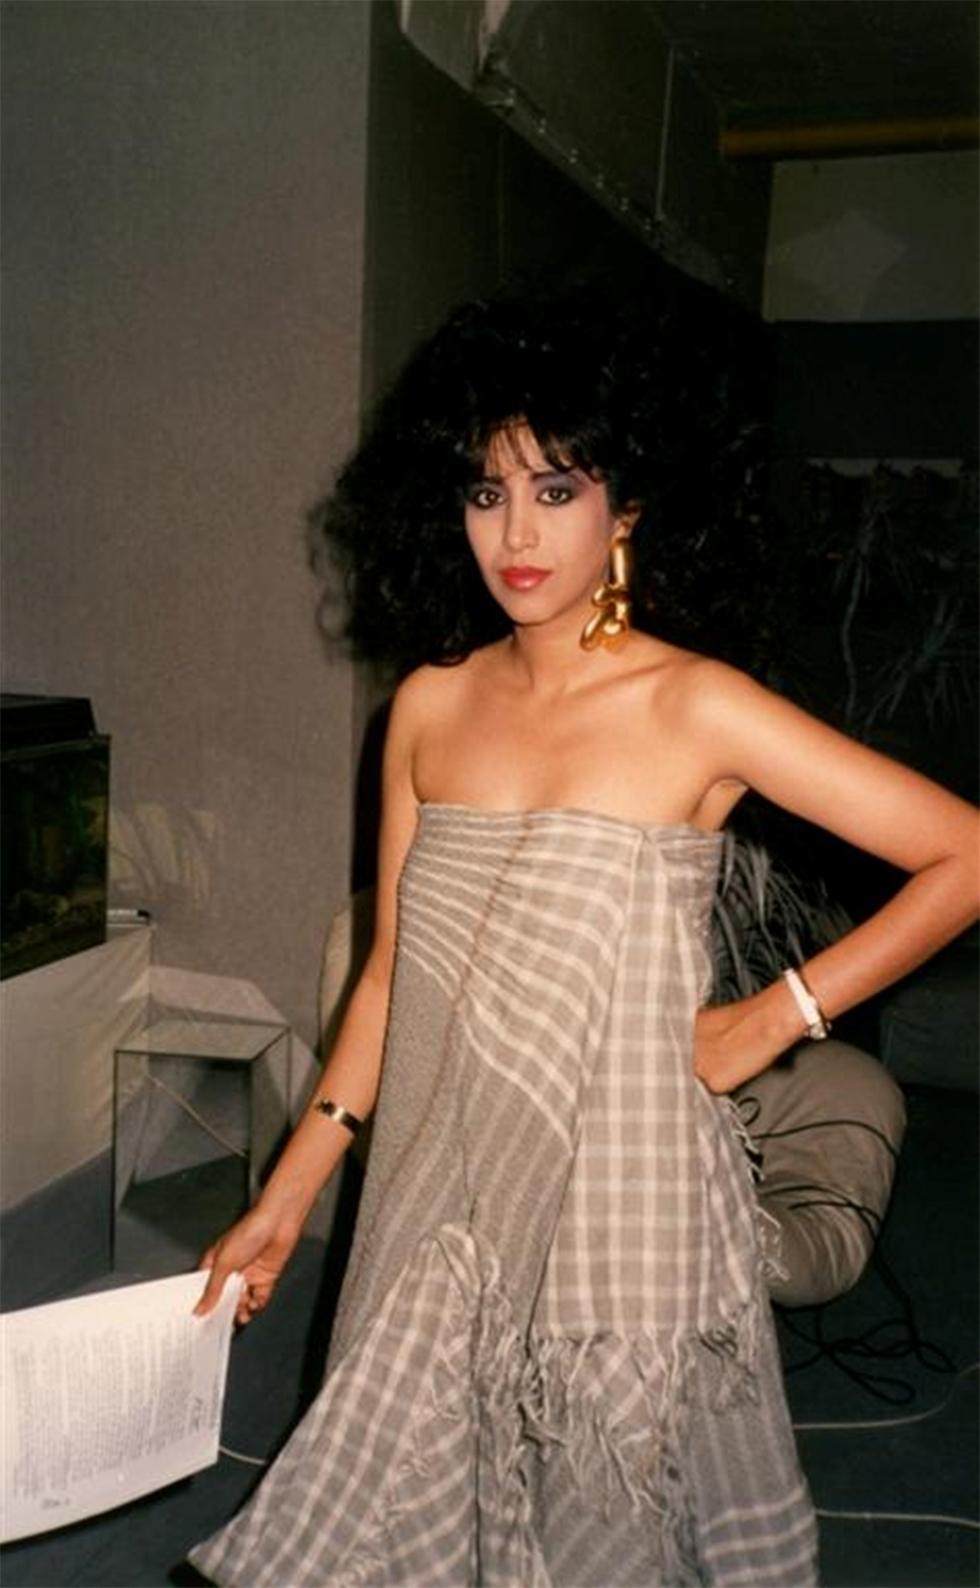 סט צילומים לקמפיין אופנה גרמני. 1986 (מתוך אוסף יאיר חזה) (מתוך אוסף יאיר חזה)